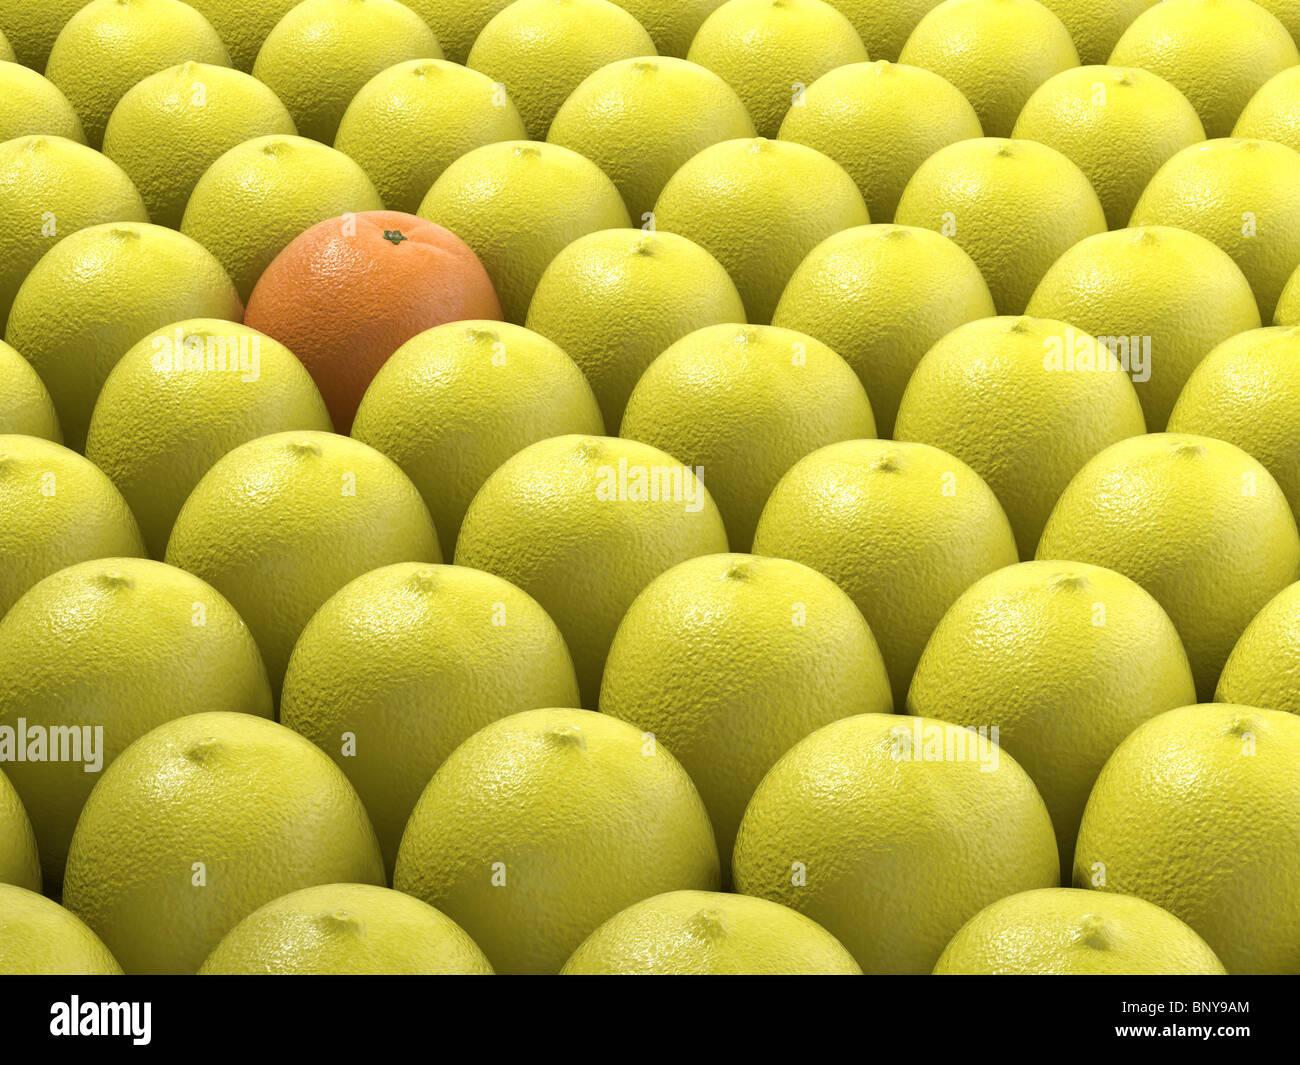 Única entre muchas naranjas limones como concepto para destacarse Imagen De Stock